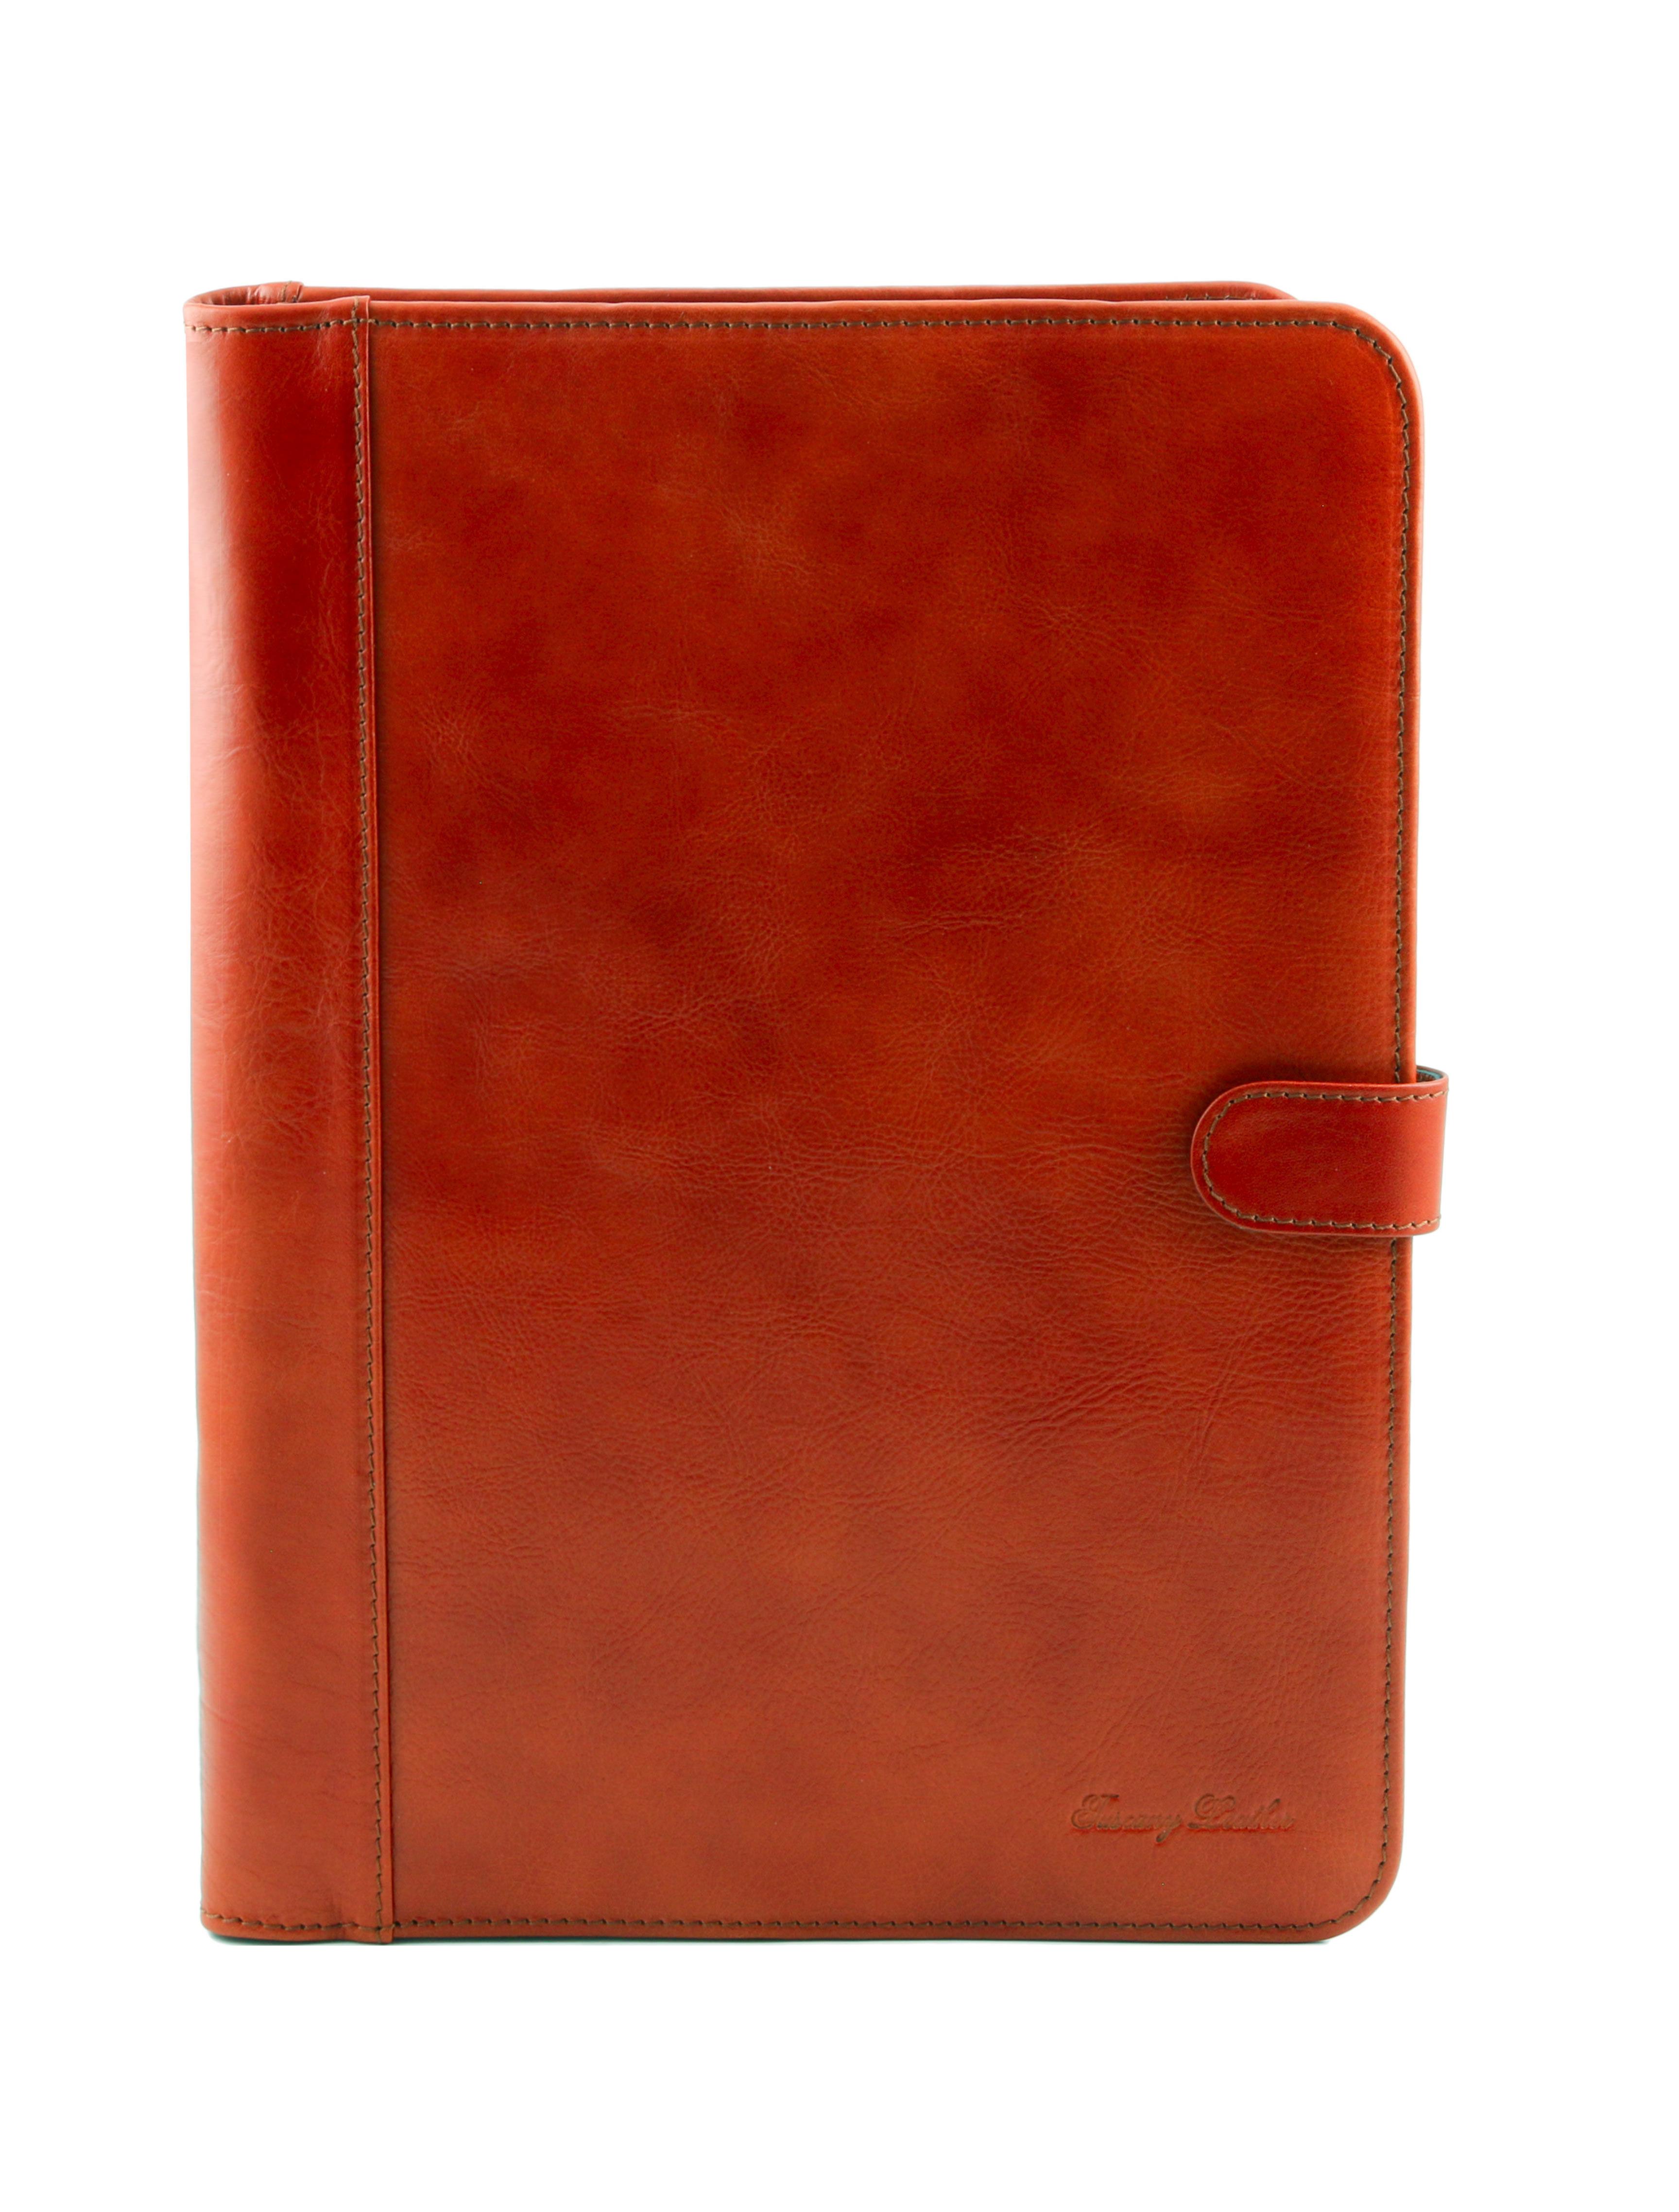 Mapa din piele naturala Tuscany Leather, honey, Adriano